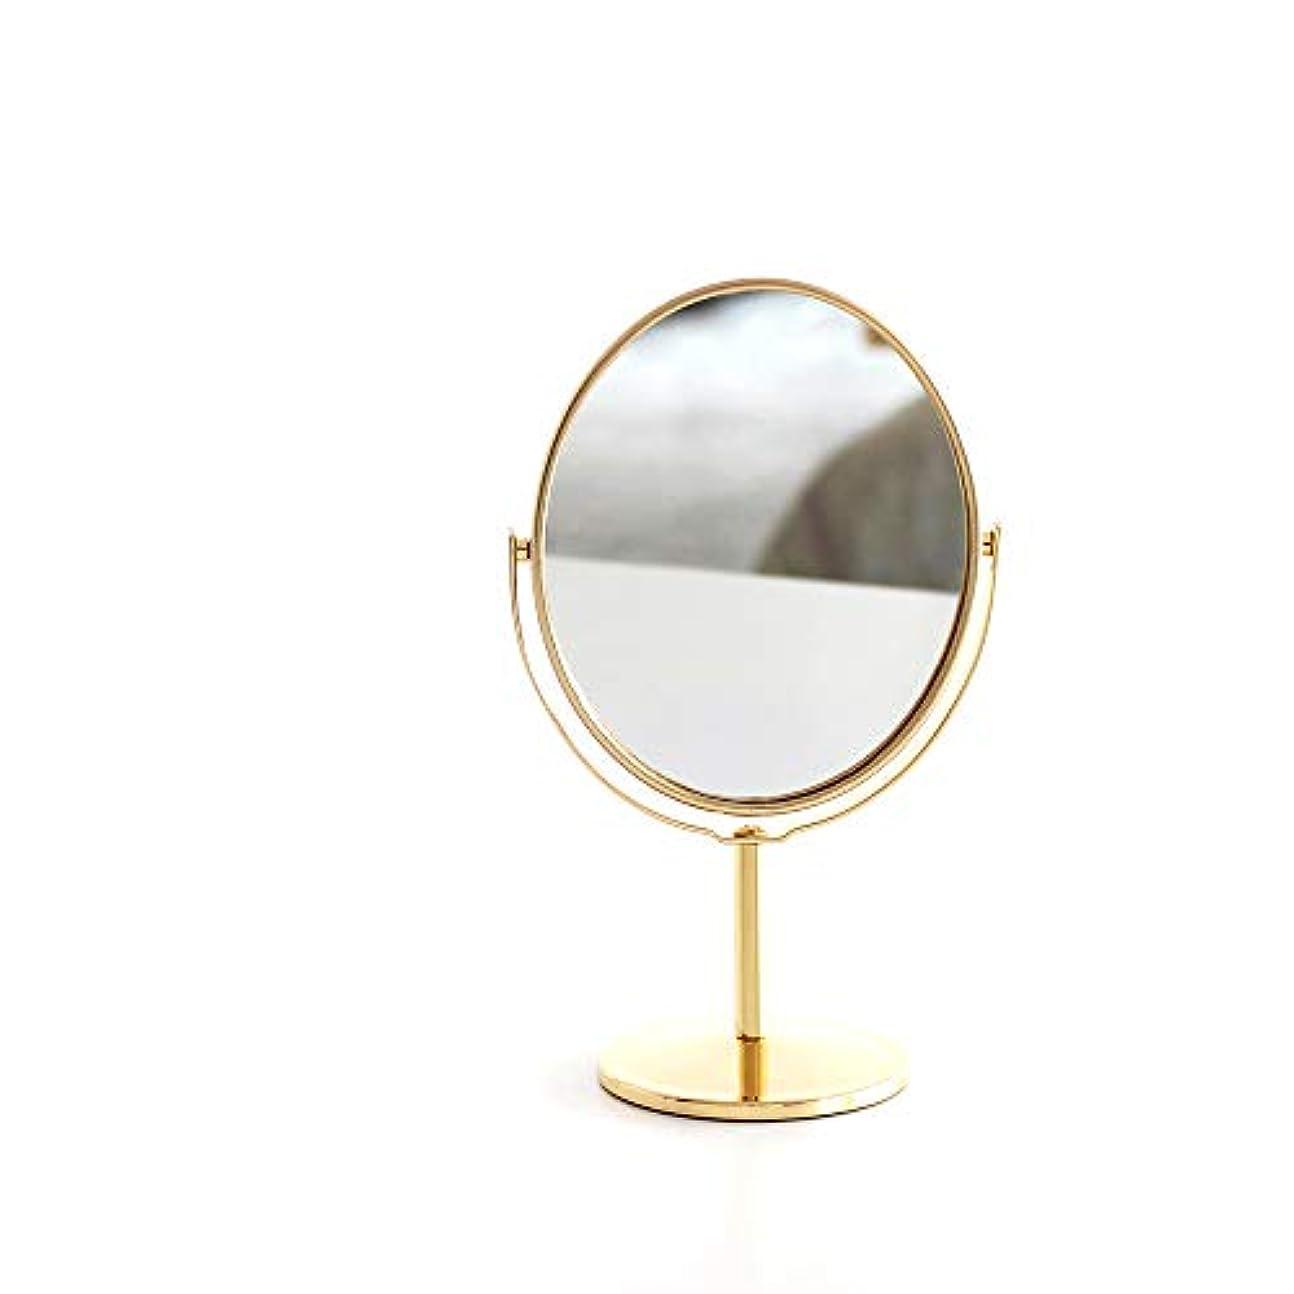 ブロンズ東ティモール場所メタル両面卓上鏡 スタンドミラー 化粧鏡 拡大鏡付き 楕円ミラー 360度回転 コンパクトサイズ 10X12cm (ゴールド)